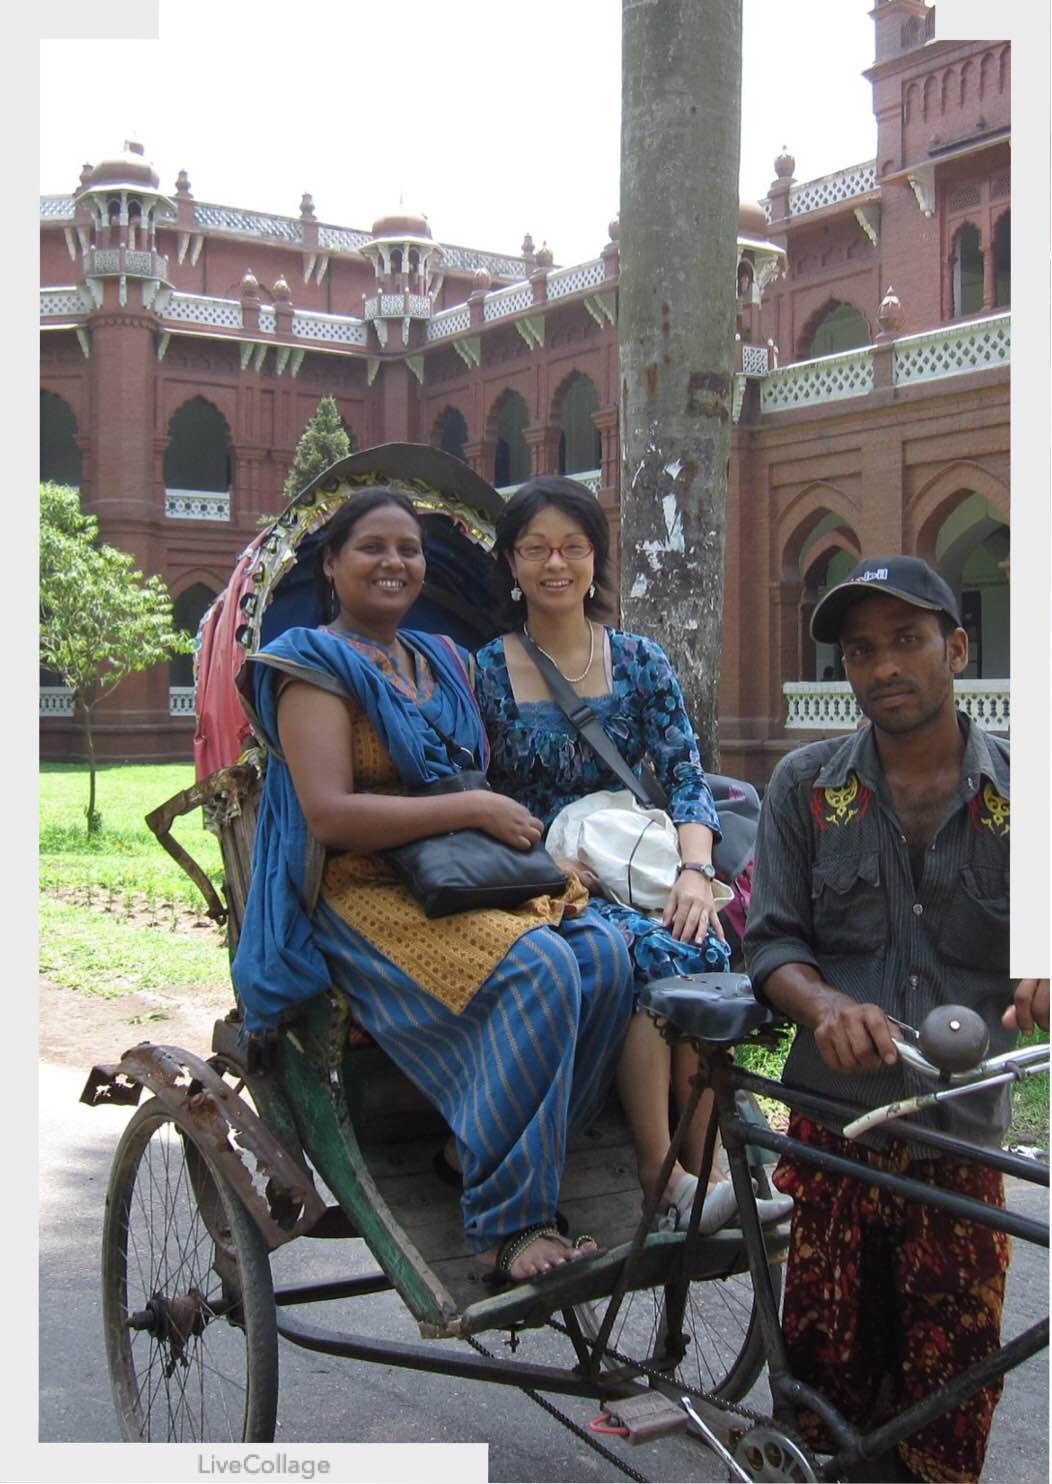 マイストーリー⑬ バングラデシュの女性たちとセックスについて語る「一人の女性としてそこにいて欲しい」